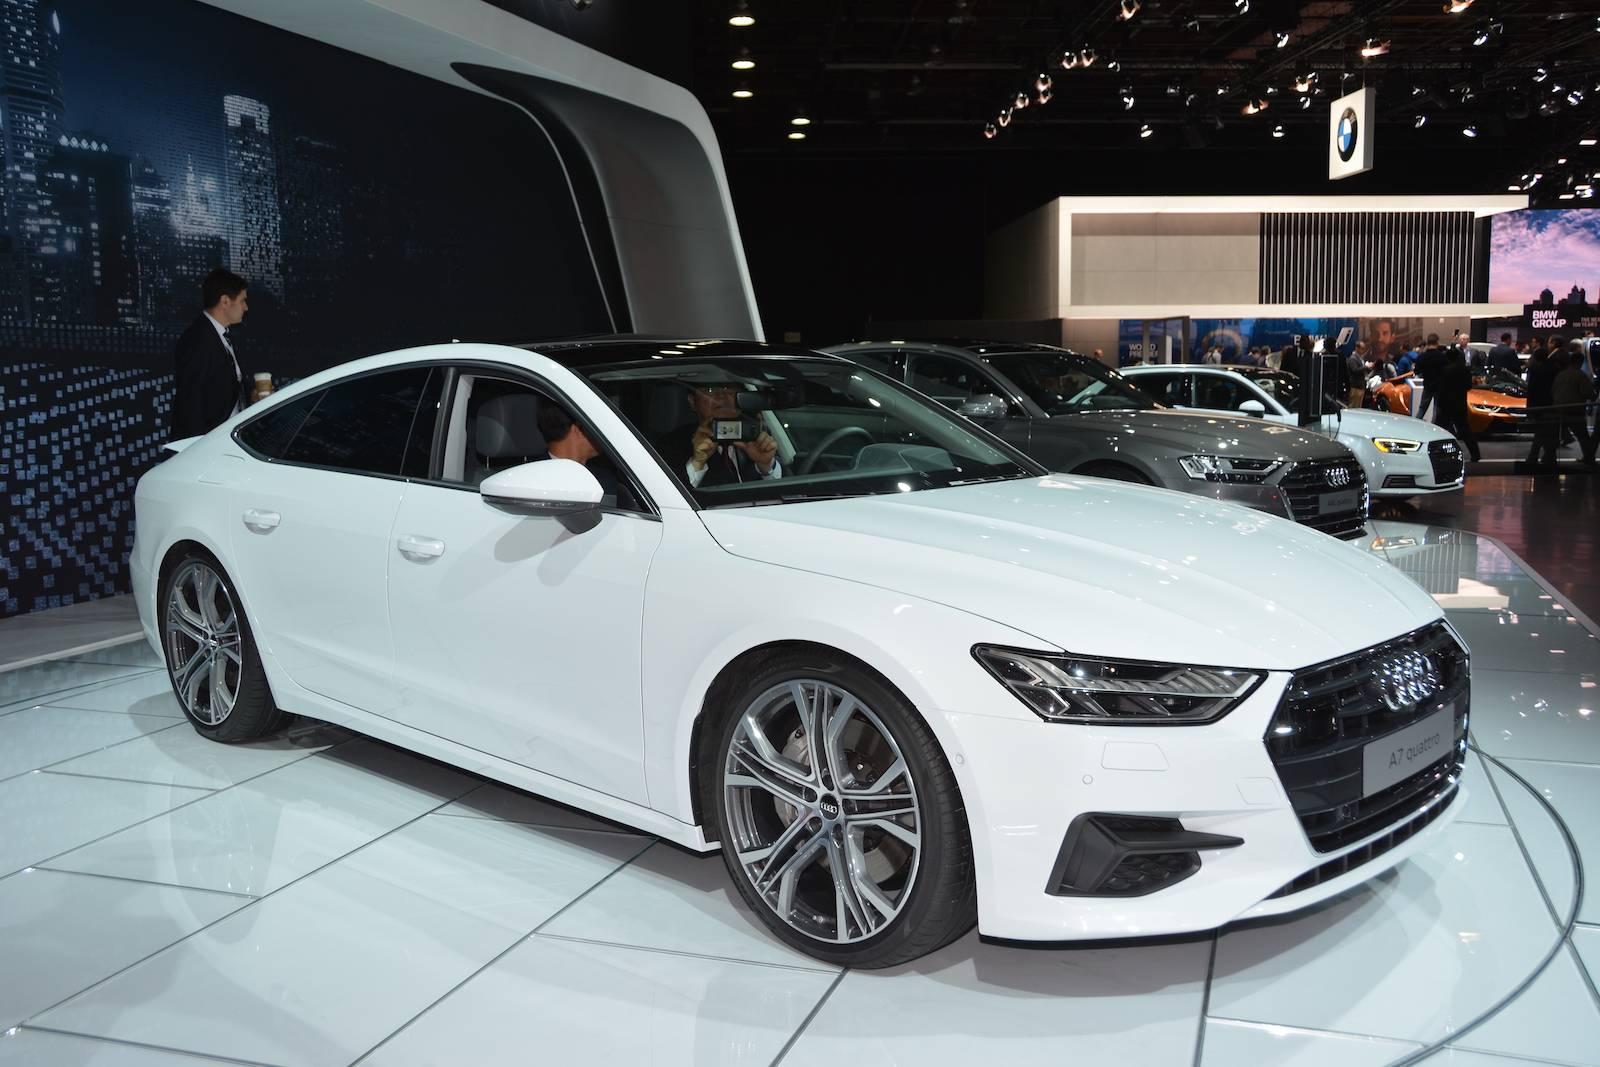 Audi A7 2018 года: факты, особенности модернизации, внешний вид и характеристики